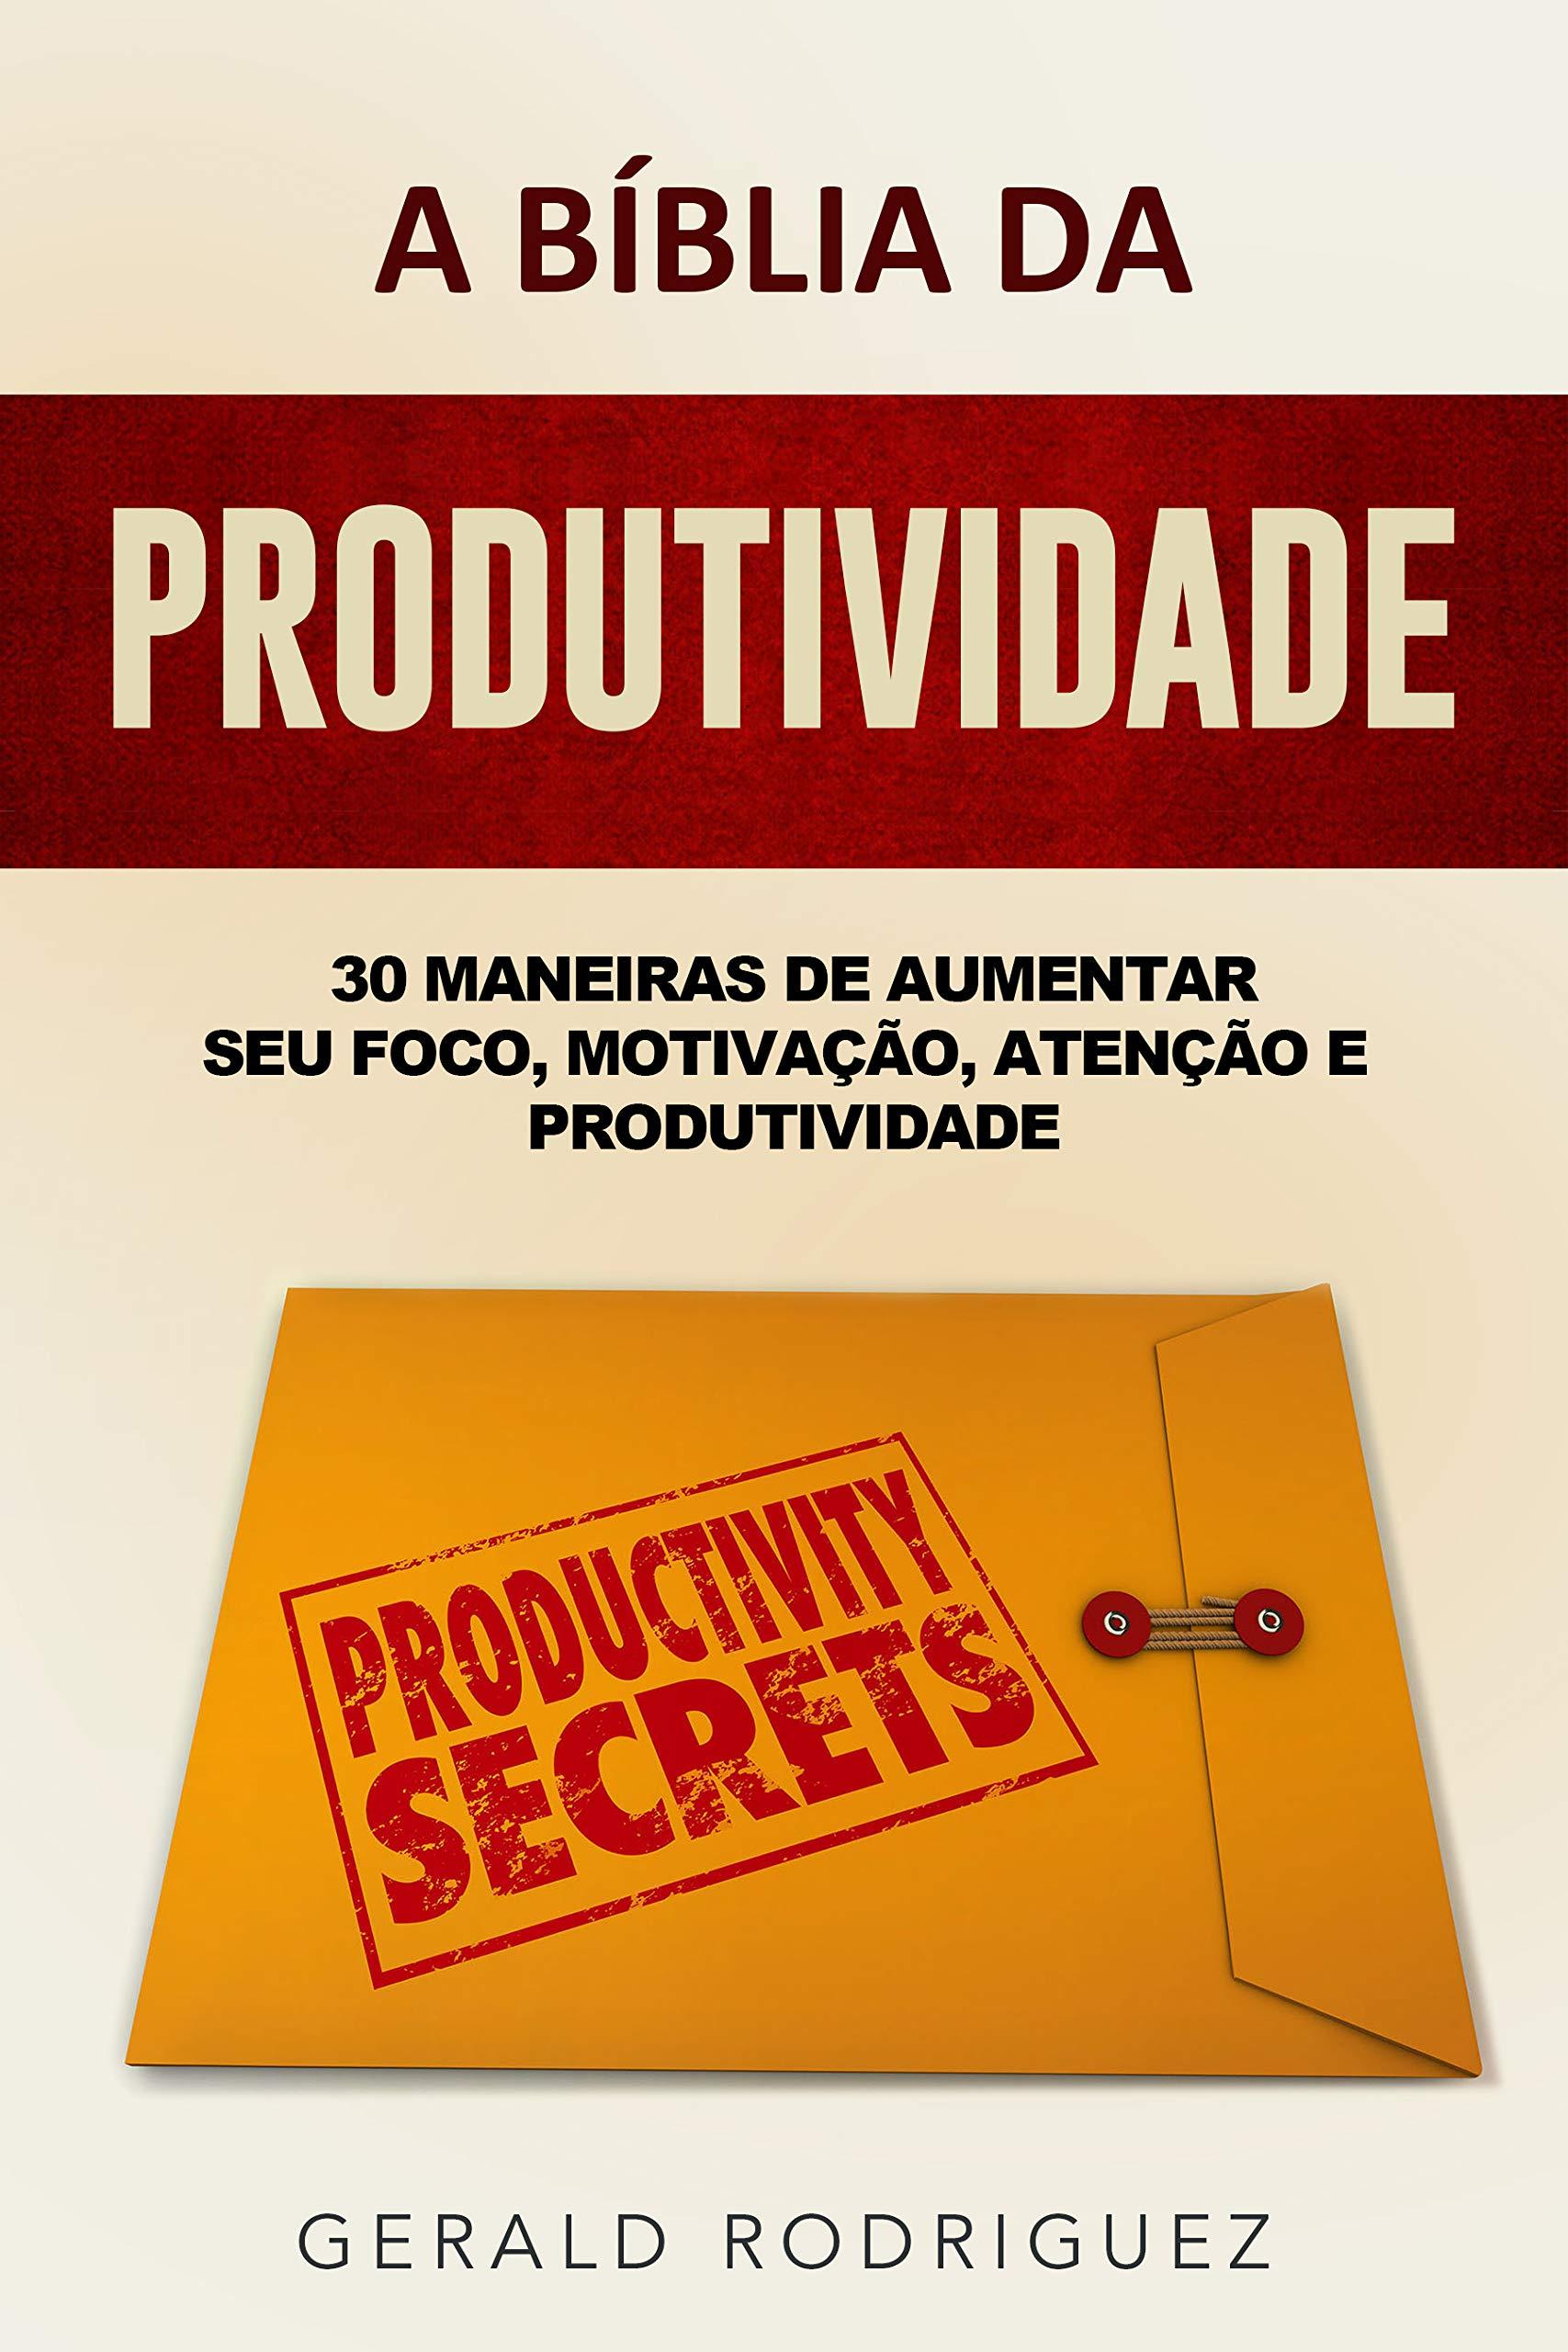 A BÍBLIA DA PRODUTIVIDADE: 30 MANEIRAS DE AUMENTAR SEU FOCO, MOTIVAÇÃO, ATENÇÃO E PRODUTIVIDADE (Portuguese Edition)